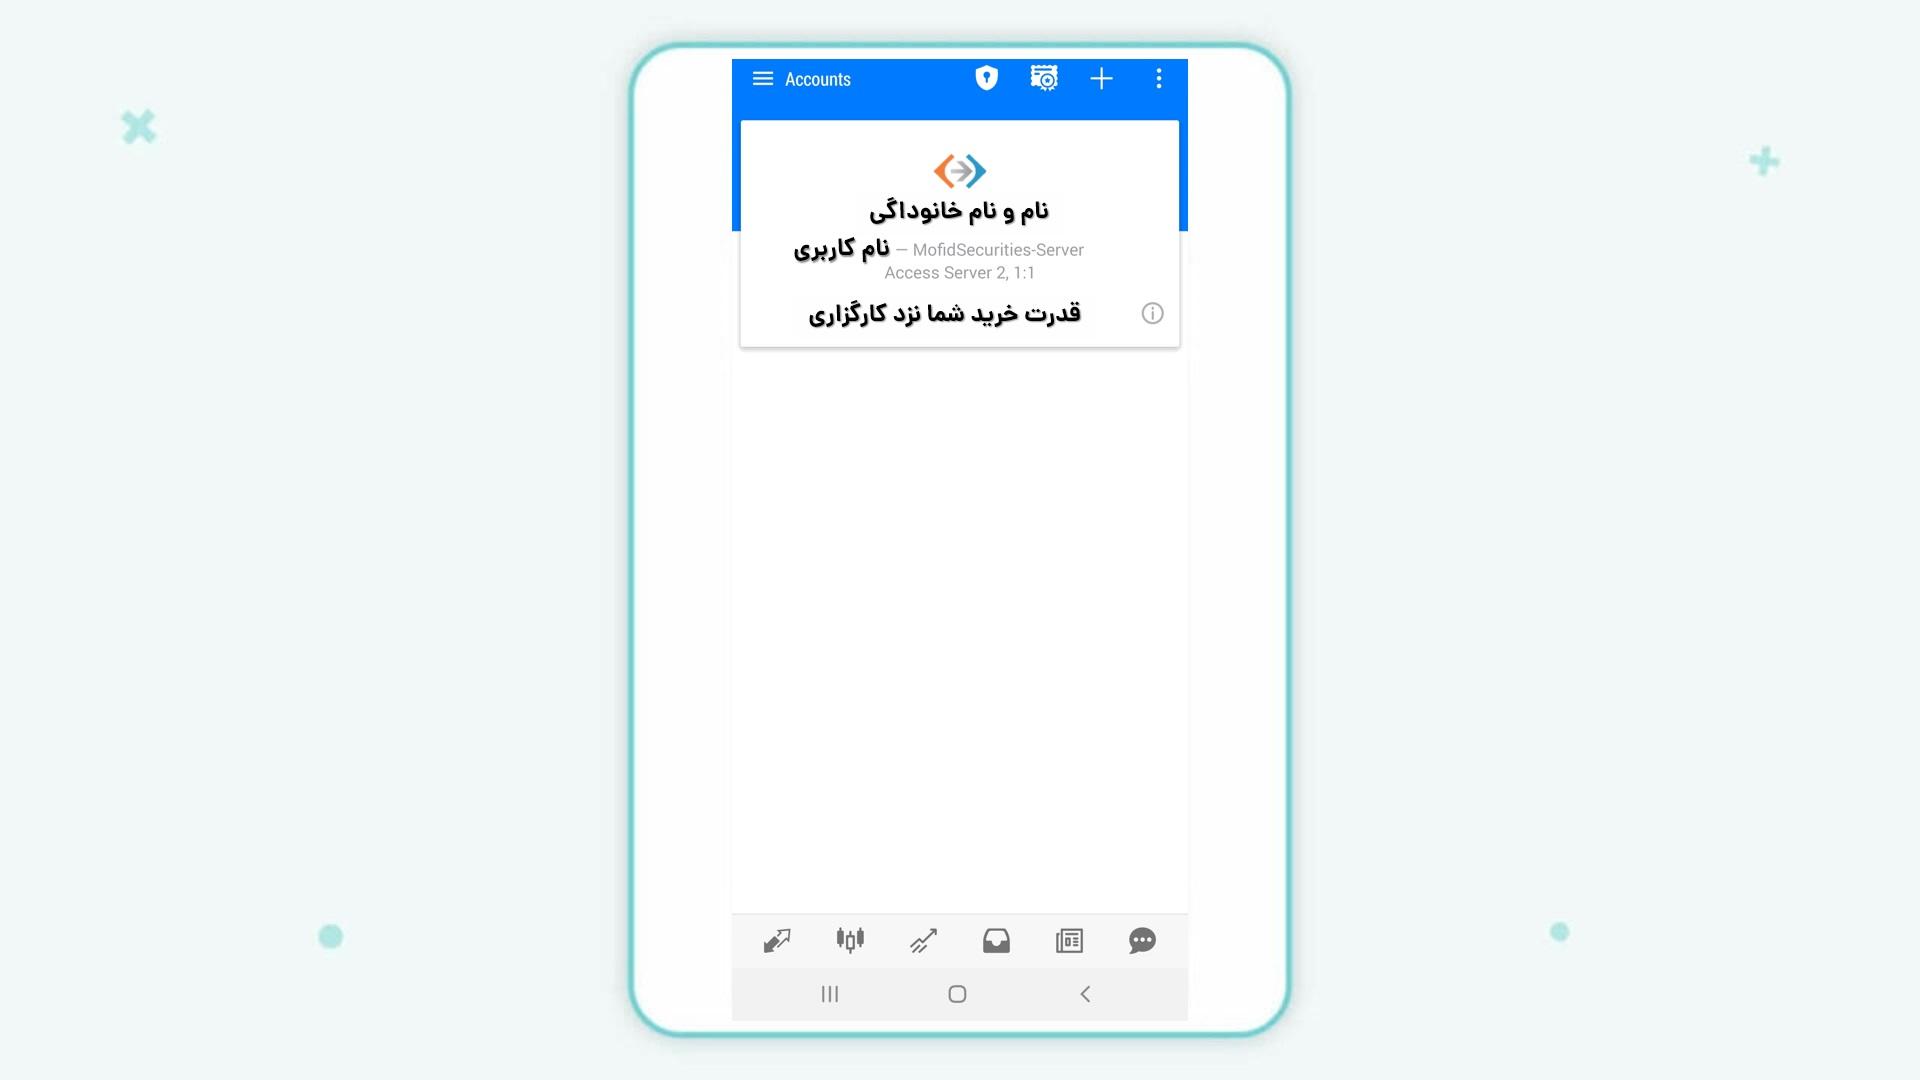 صفحه اصلی در مفید تریدر موبایل